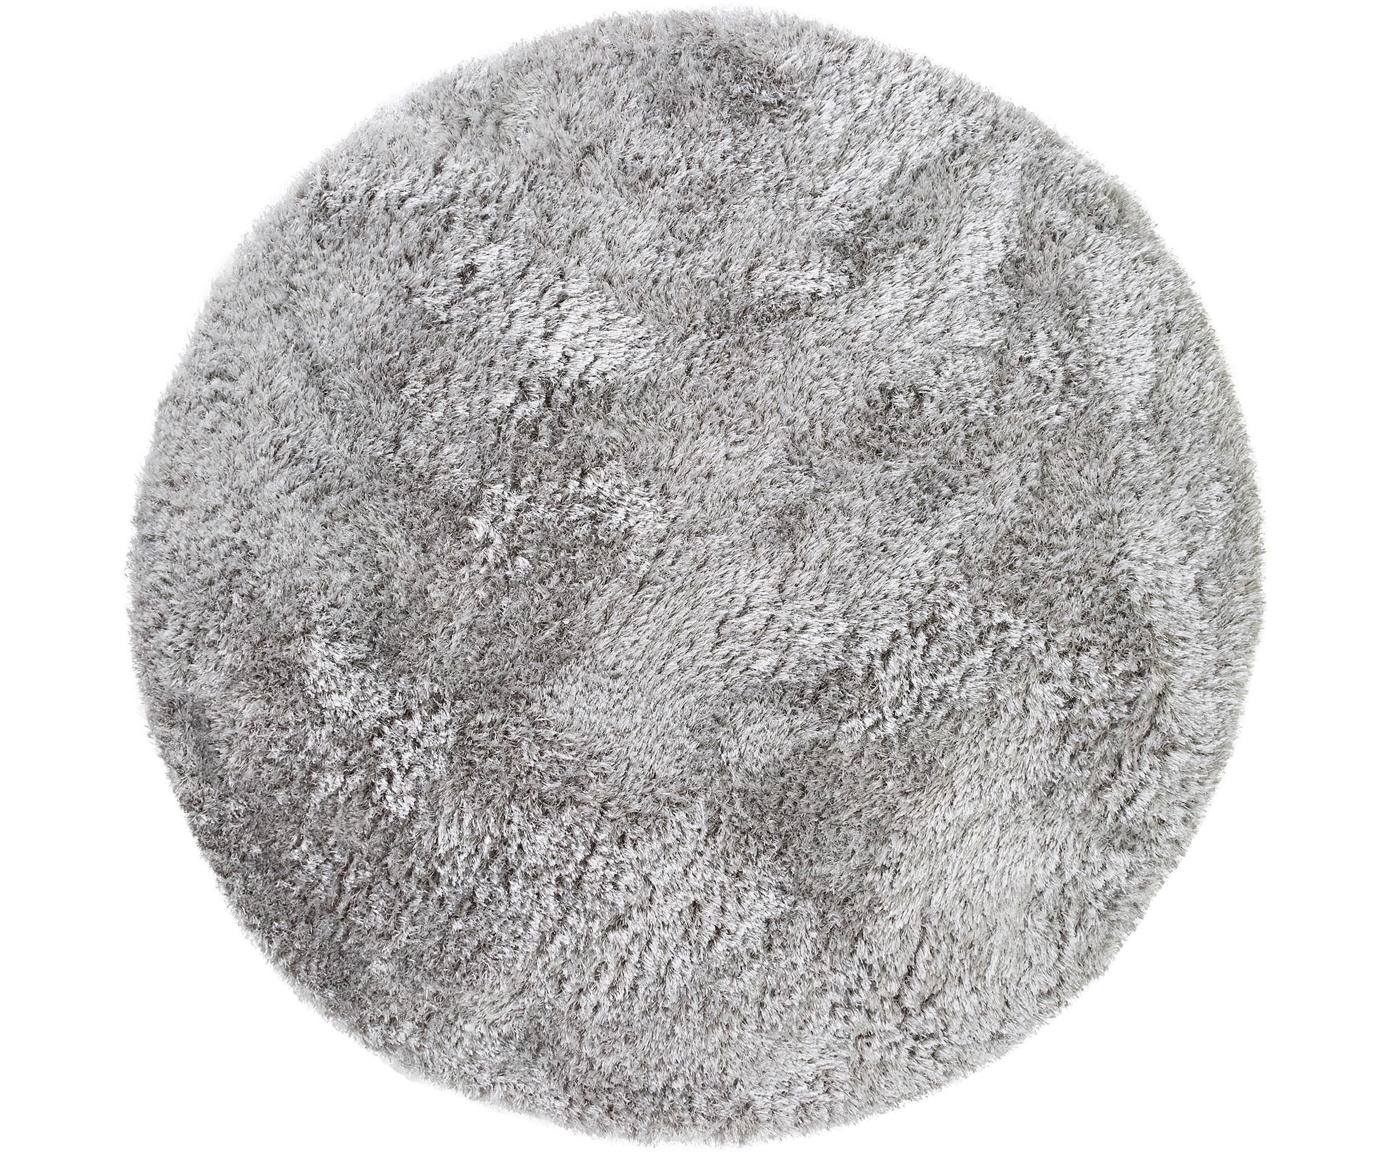 Okrągły dywan z wysokim stosem Lea, 50% poliester, 50% polipropylen, Szary, Ø 120 cm (Rozmiar S)